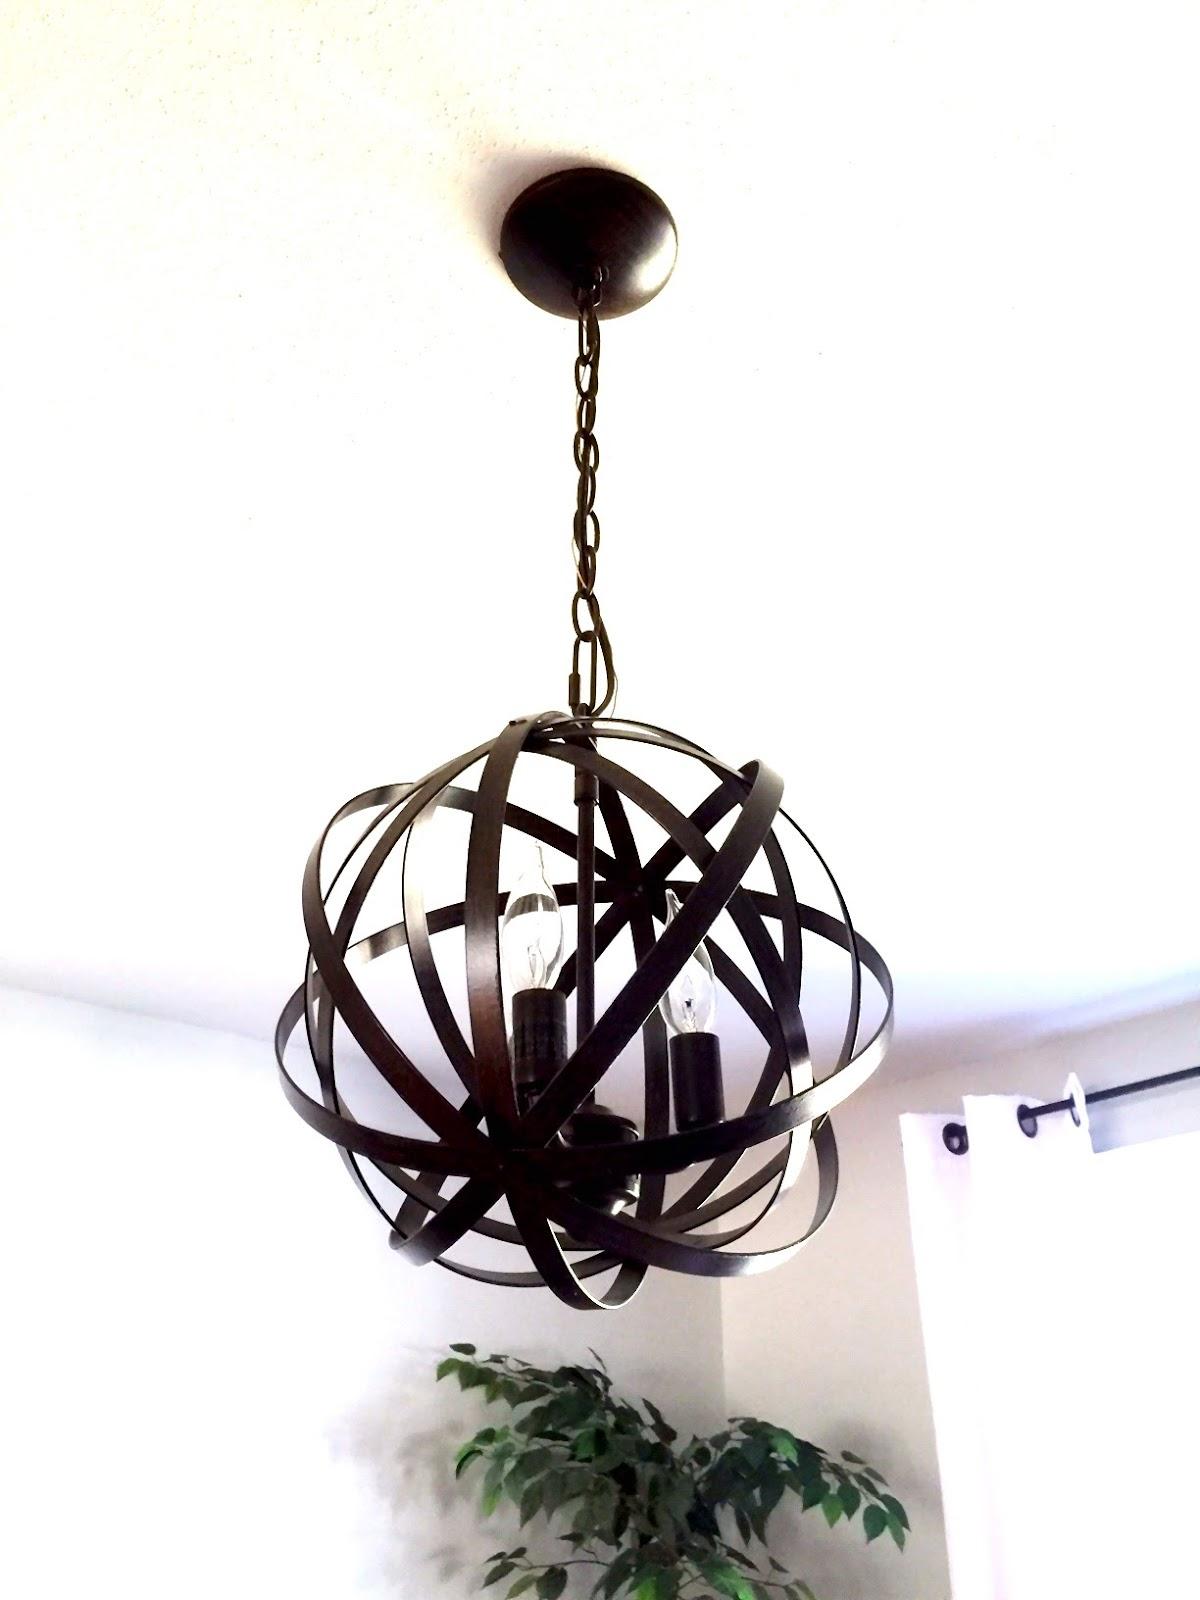 Best orb light orb chandalier orb lighting office lighting home office lighting